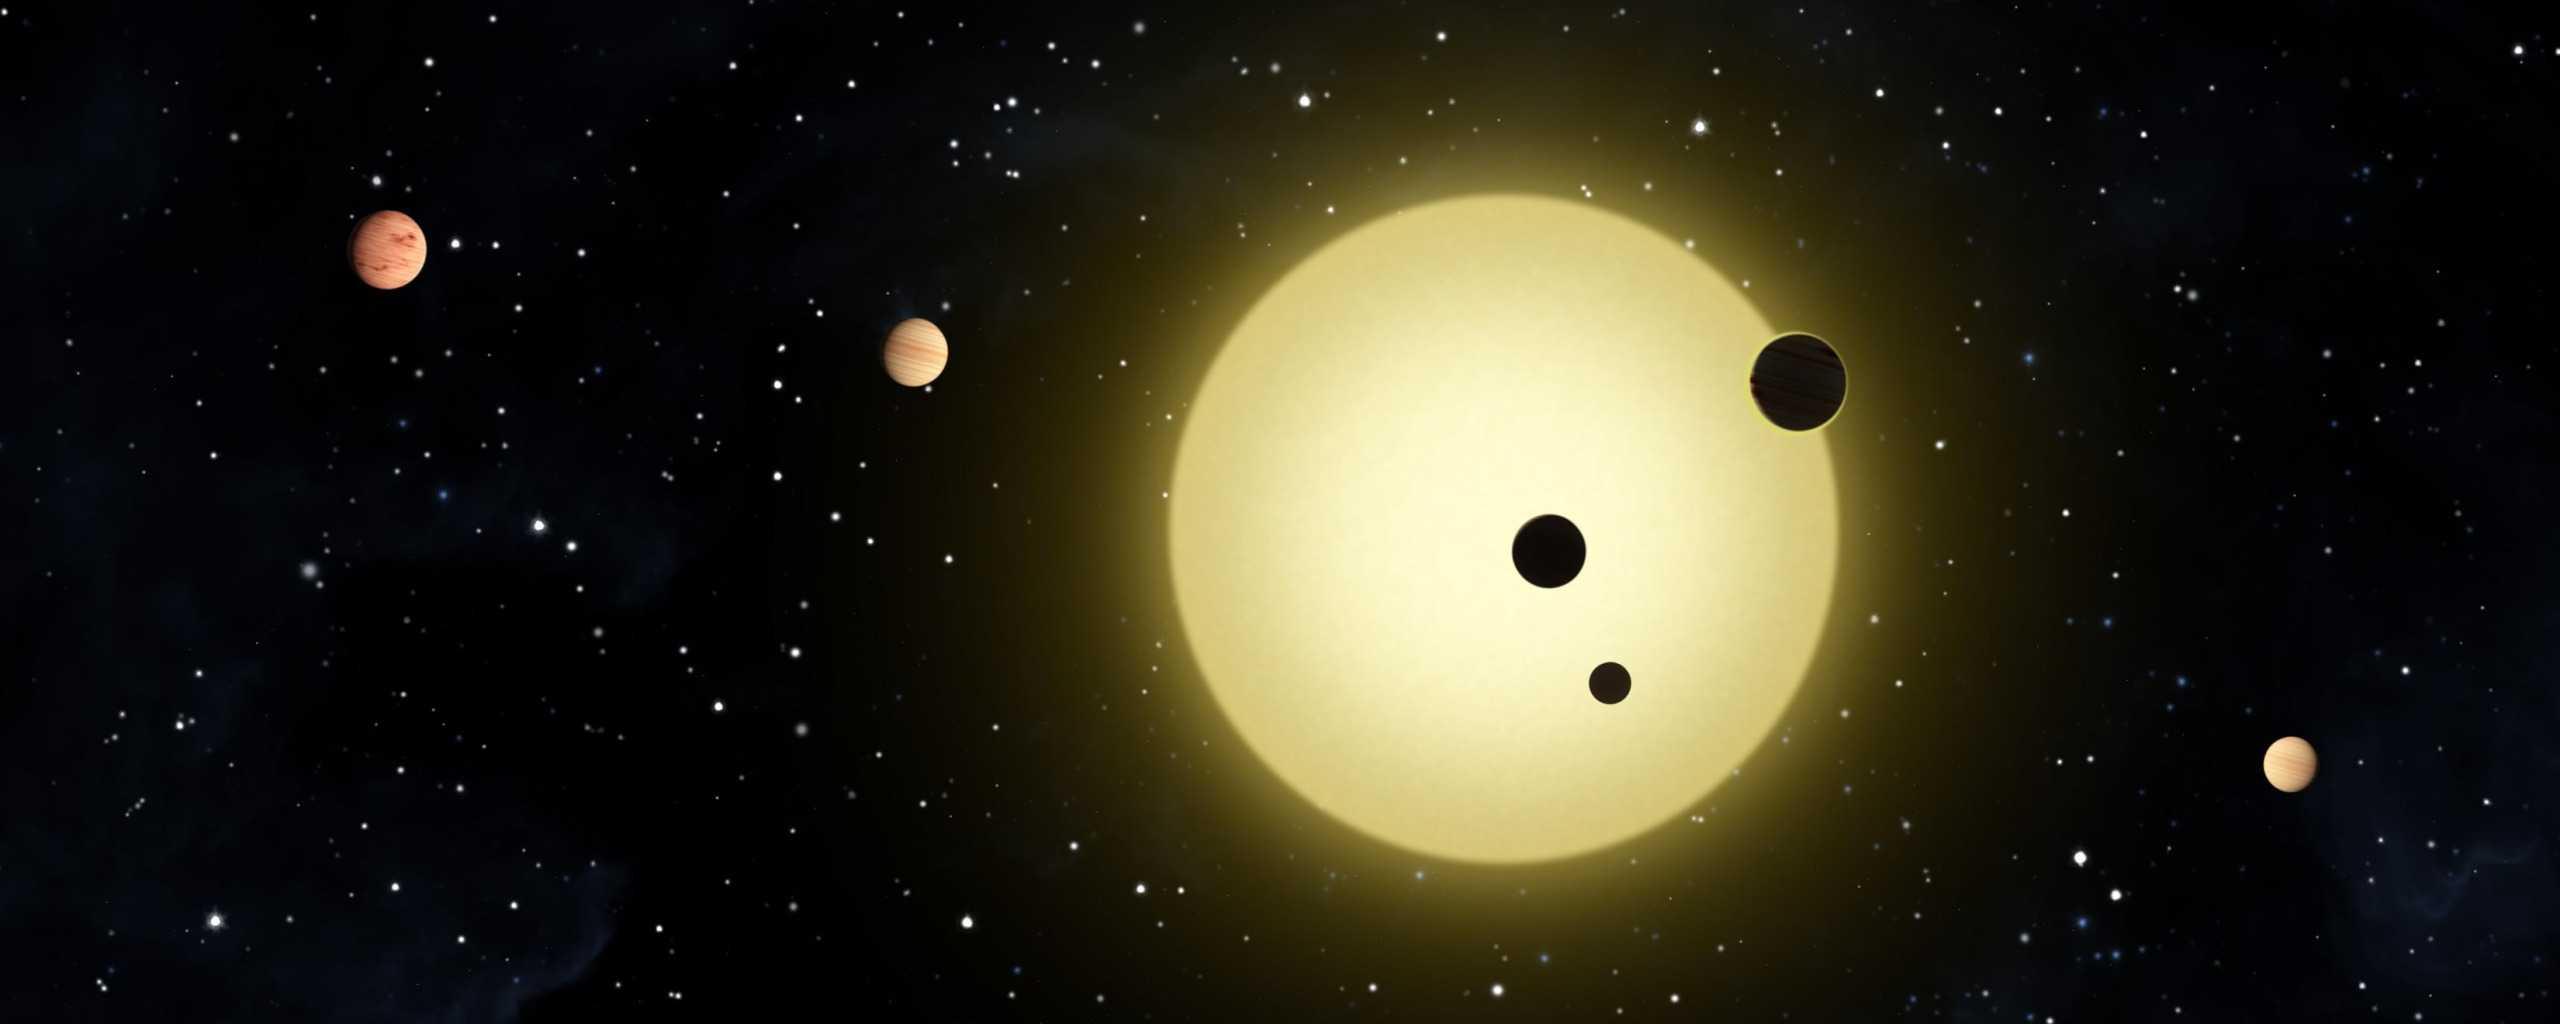 Состав звезды определяет состав ее планет — но что-то вносит поправки